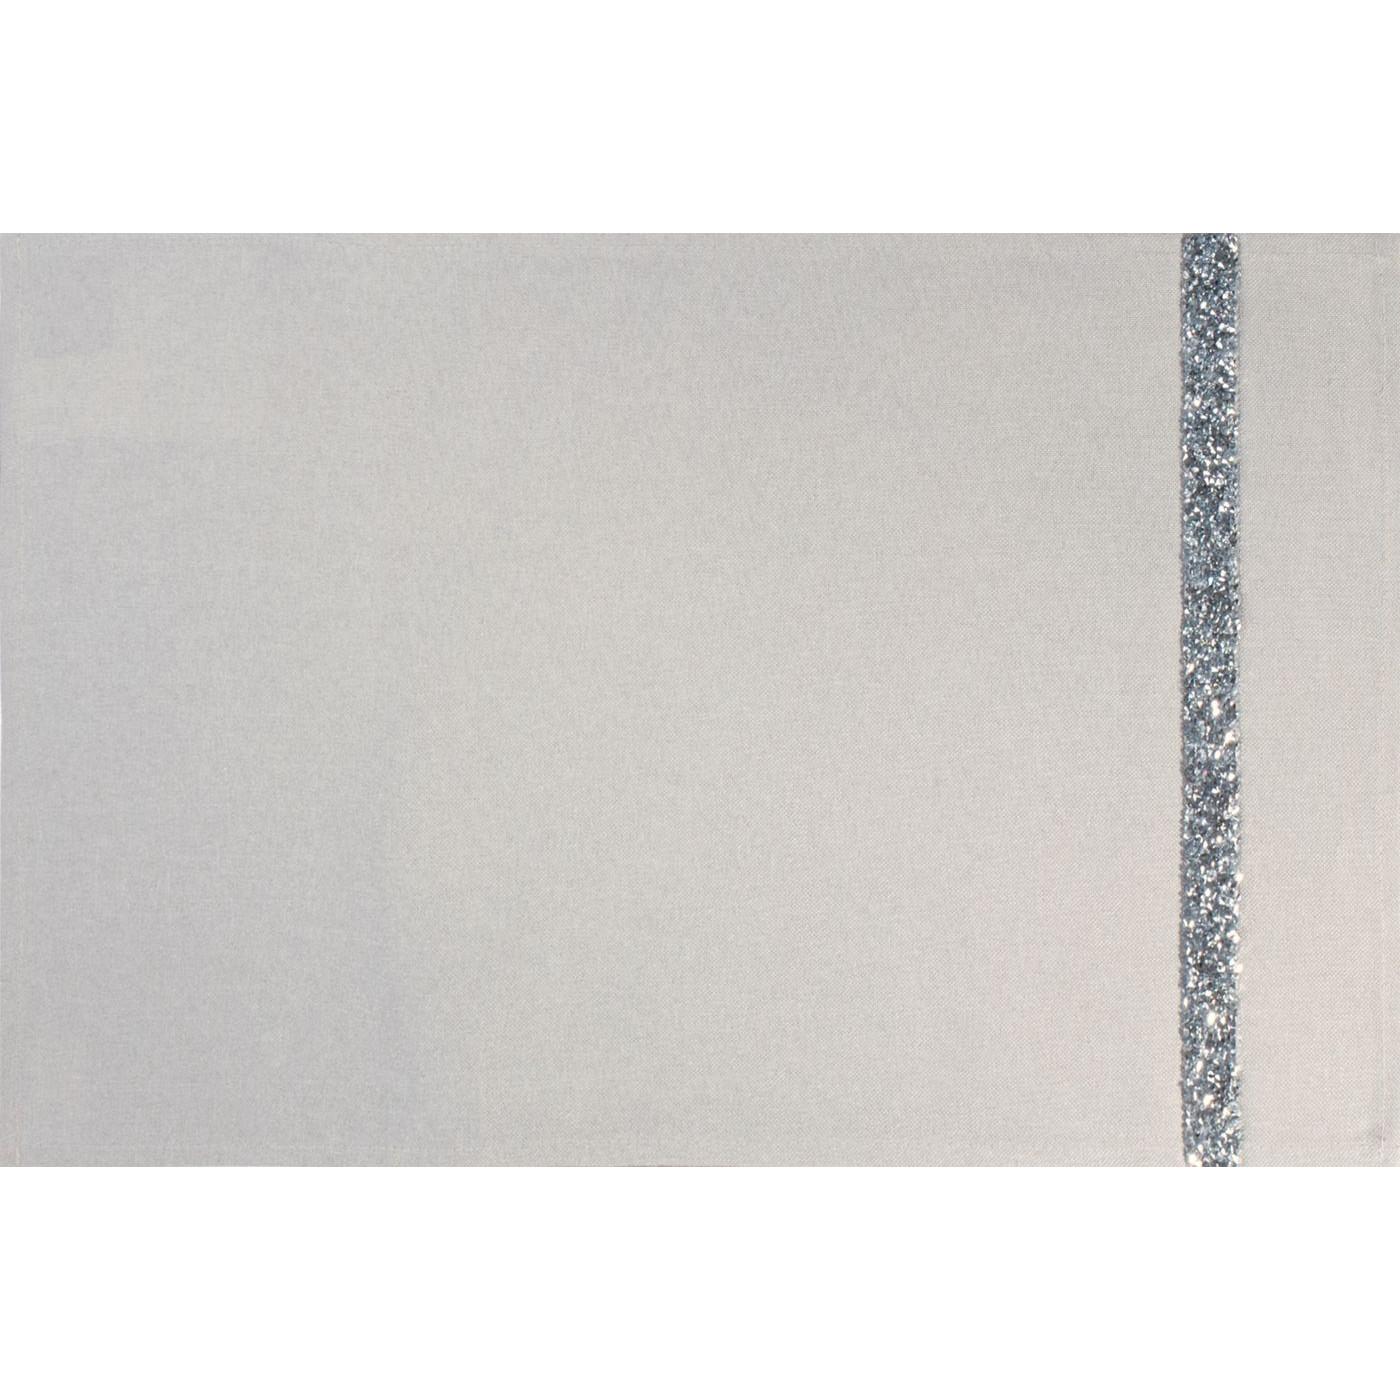 Kremowa nakładka na stół do jadalni 30x50 cm